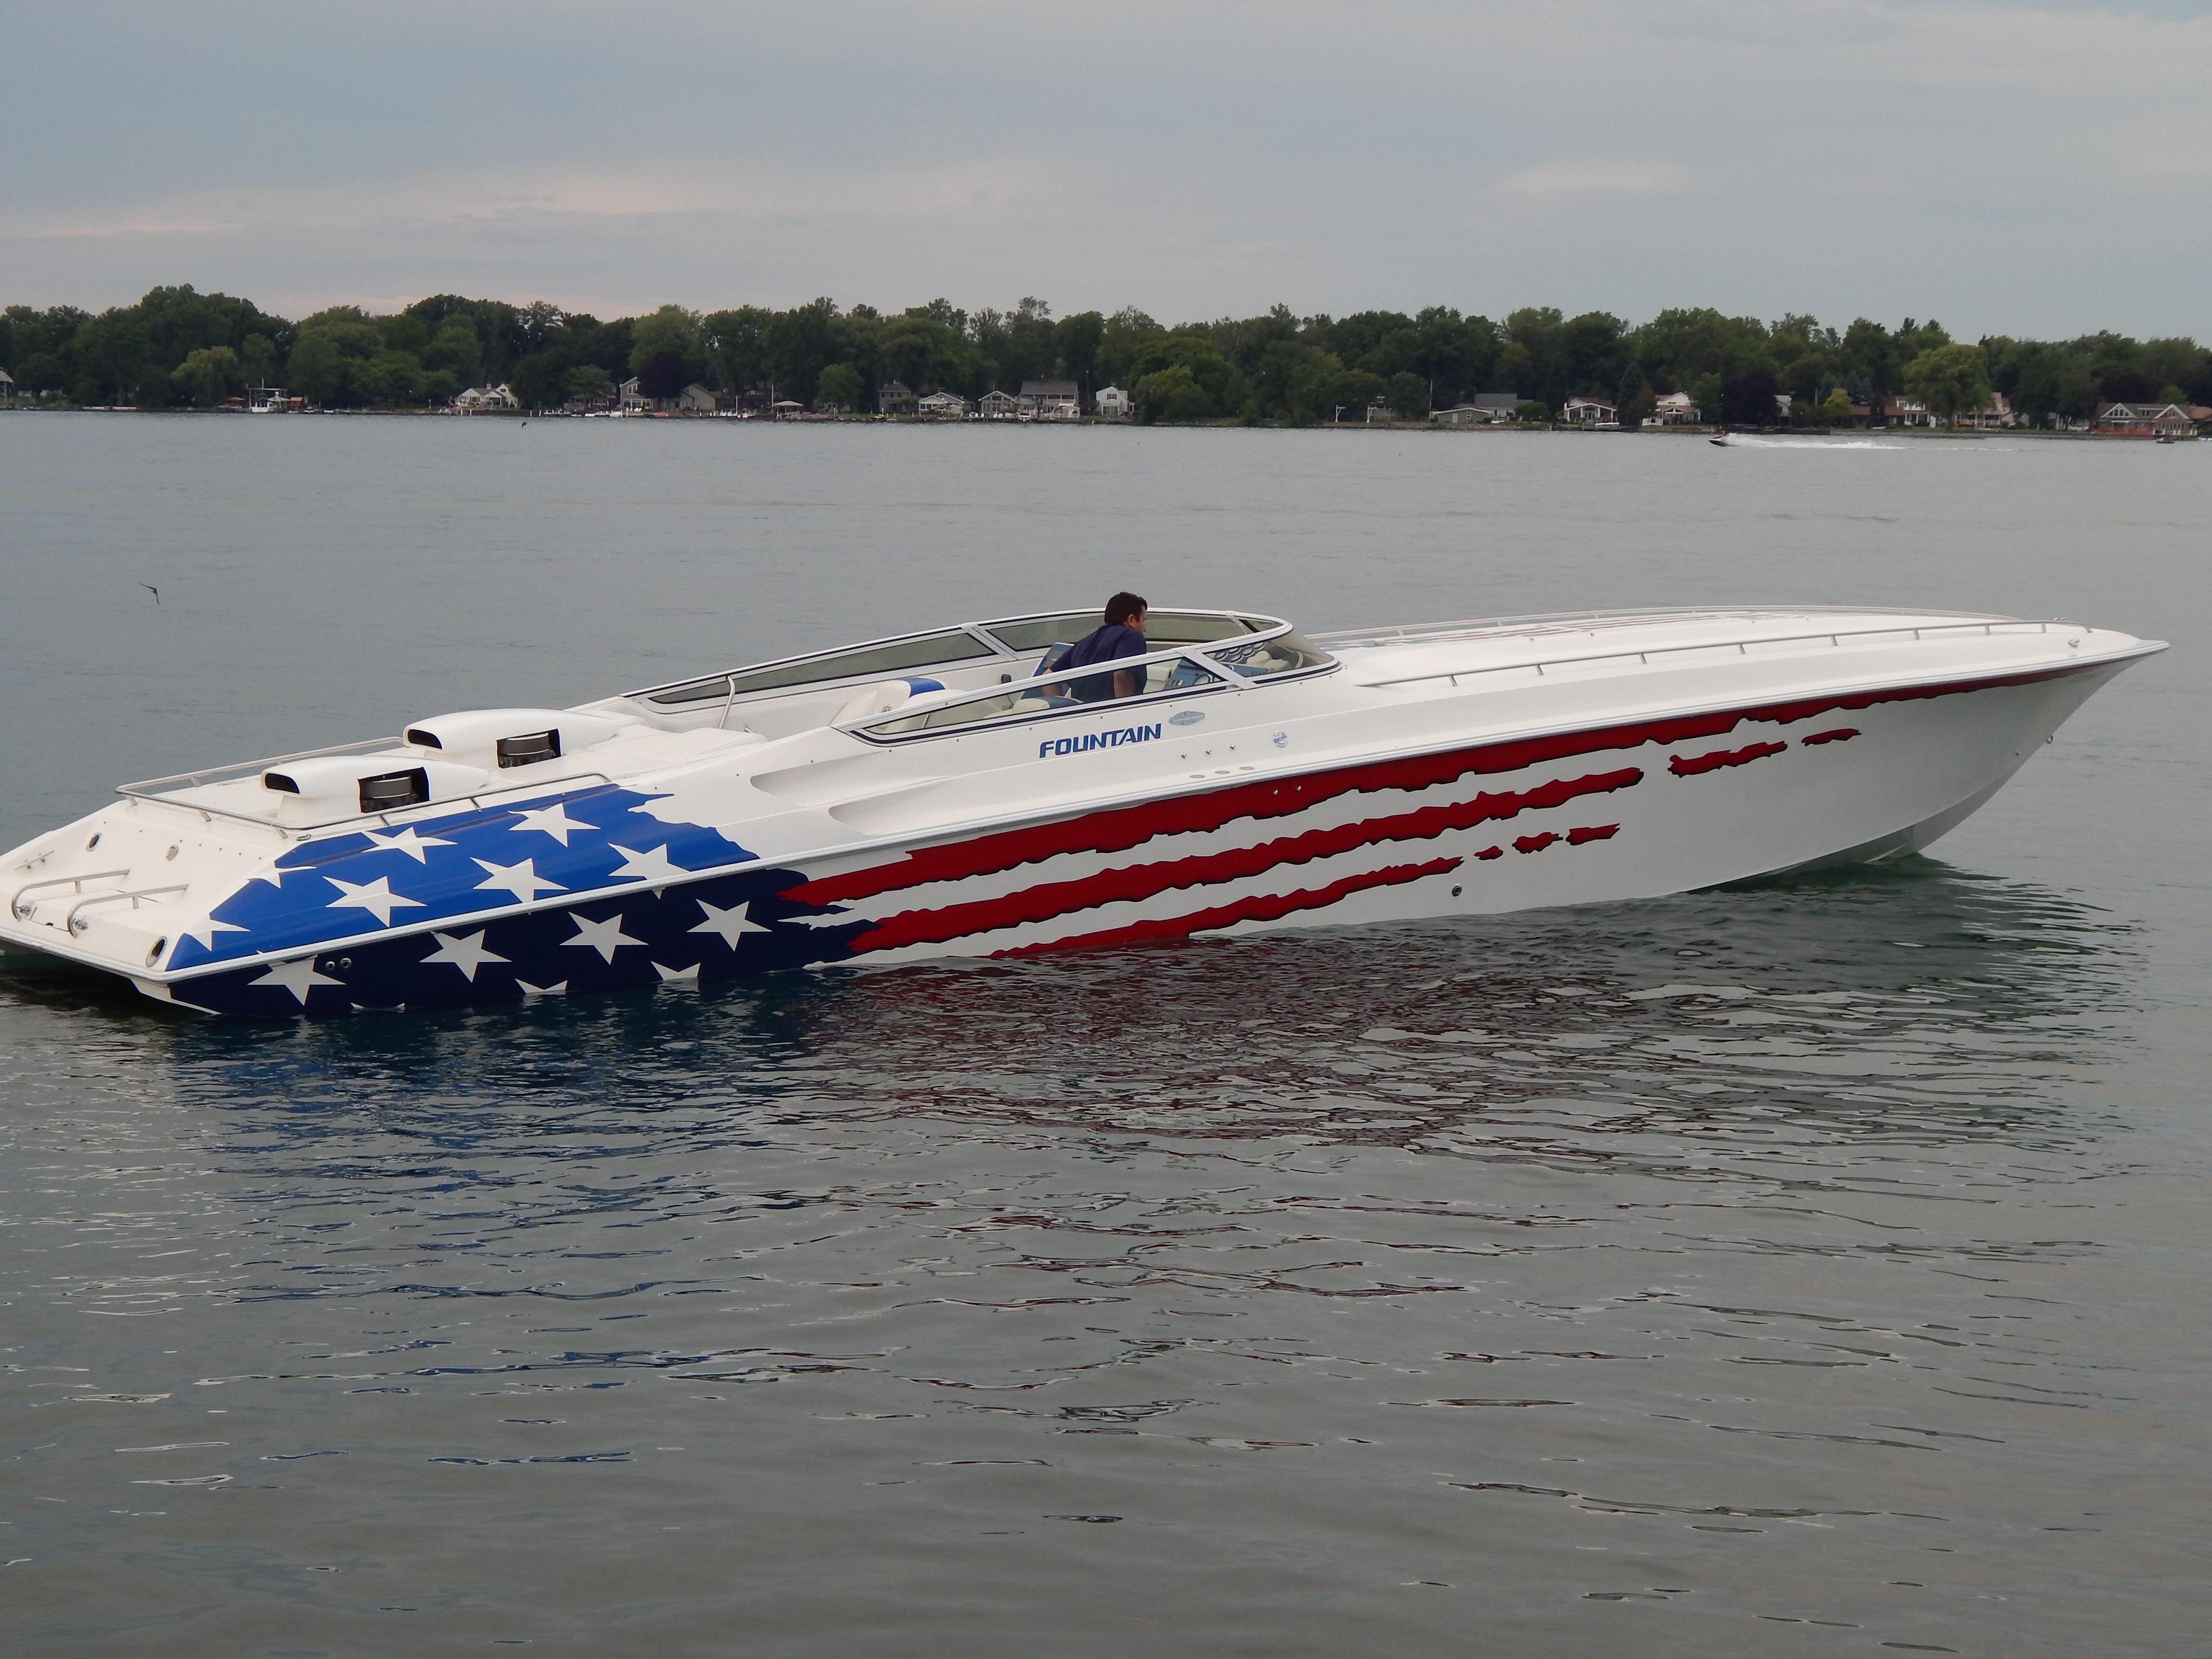 Fountain Powerboats 47 Lightning - Самые быстрые катера в мире